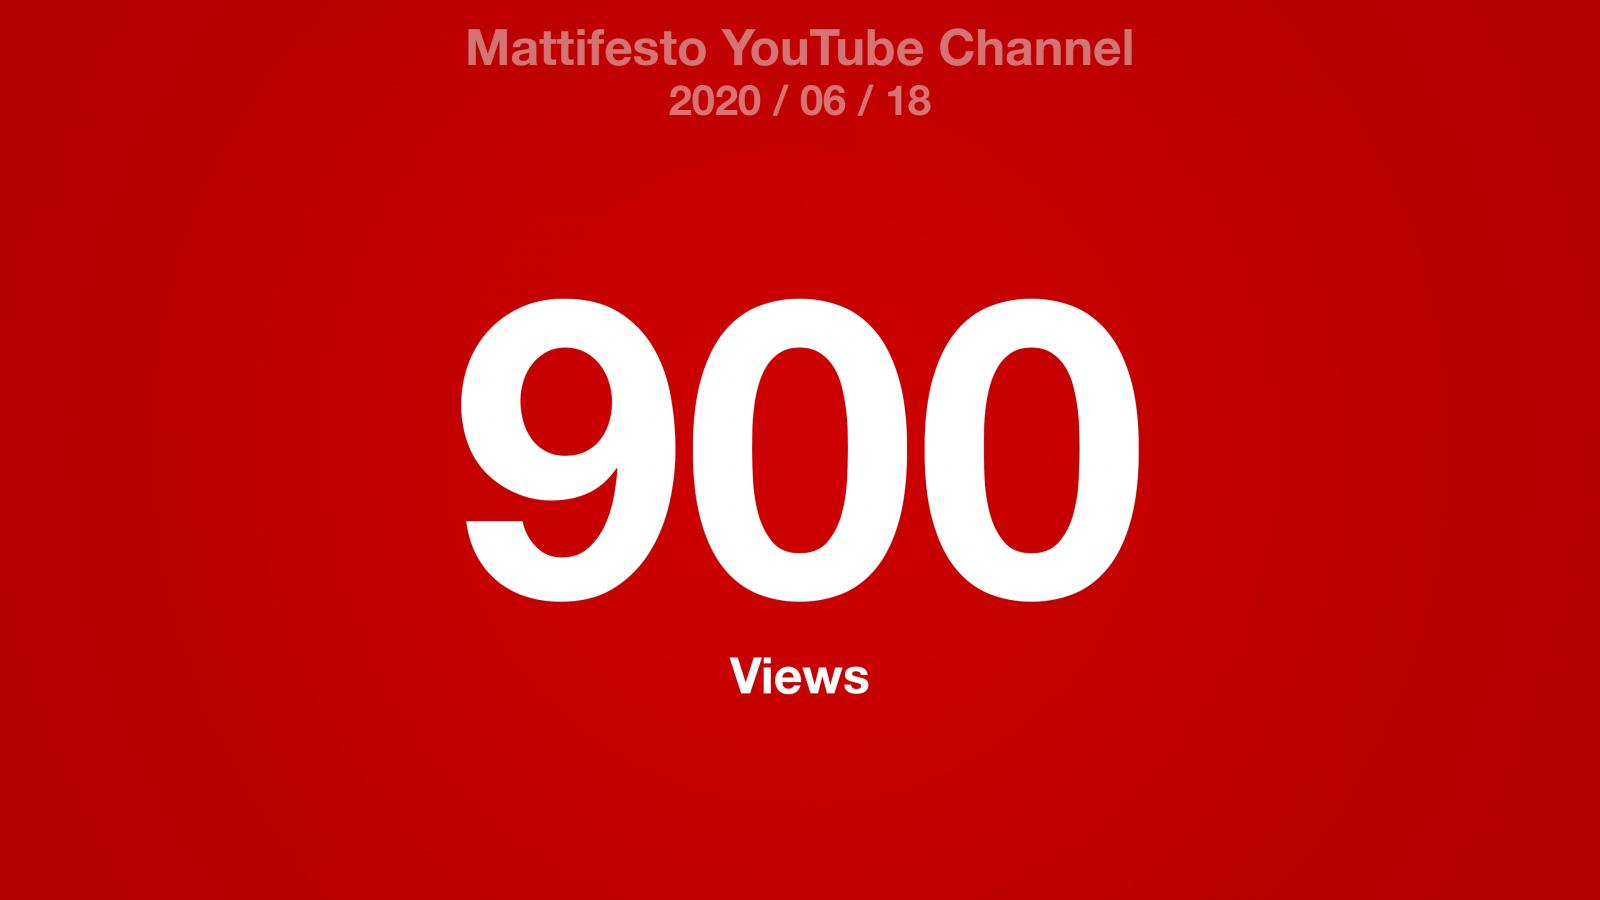 Mattifesto YouTube Channel 900 Views